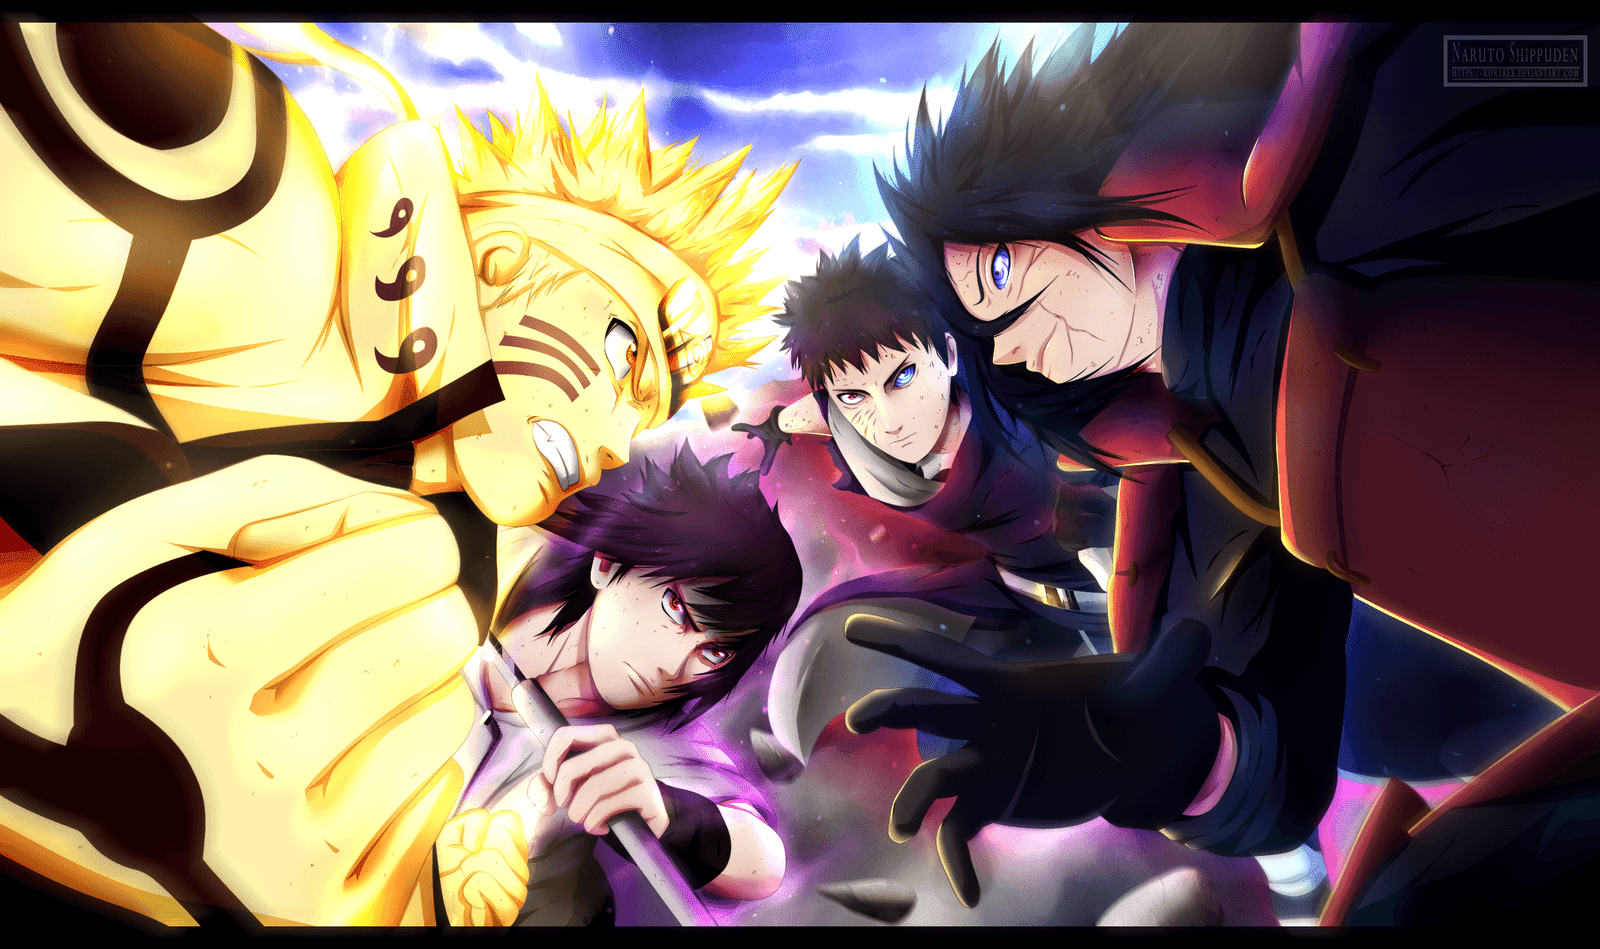 Naruto And Sasuke Vs Madara Wallpapers Wallpaper Cave